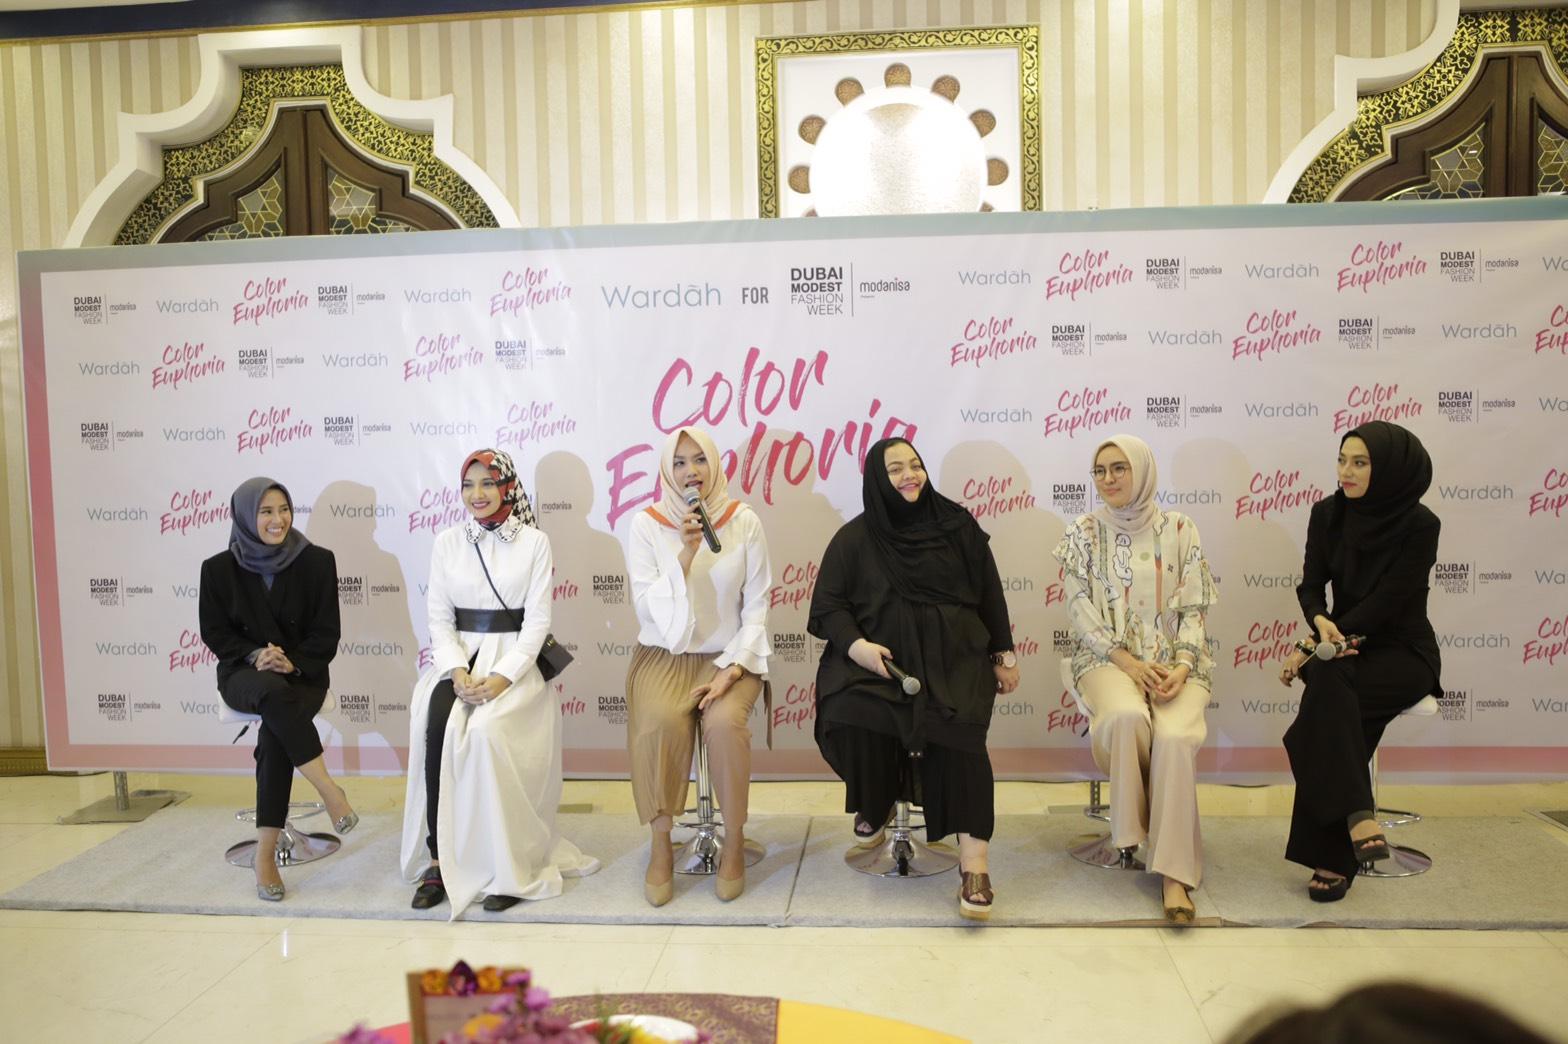 4 Desainer Indonesia yang akan unjuk gigi di Dubai Modest Fashion Week